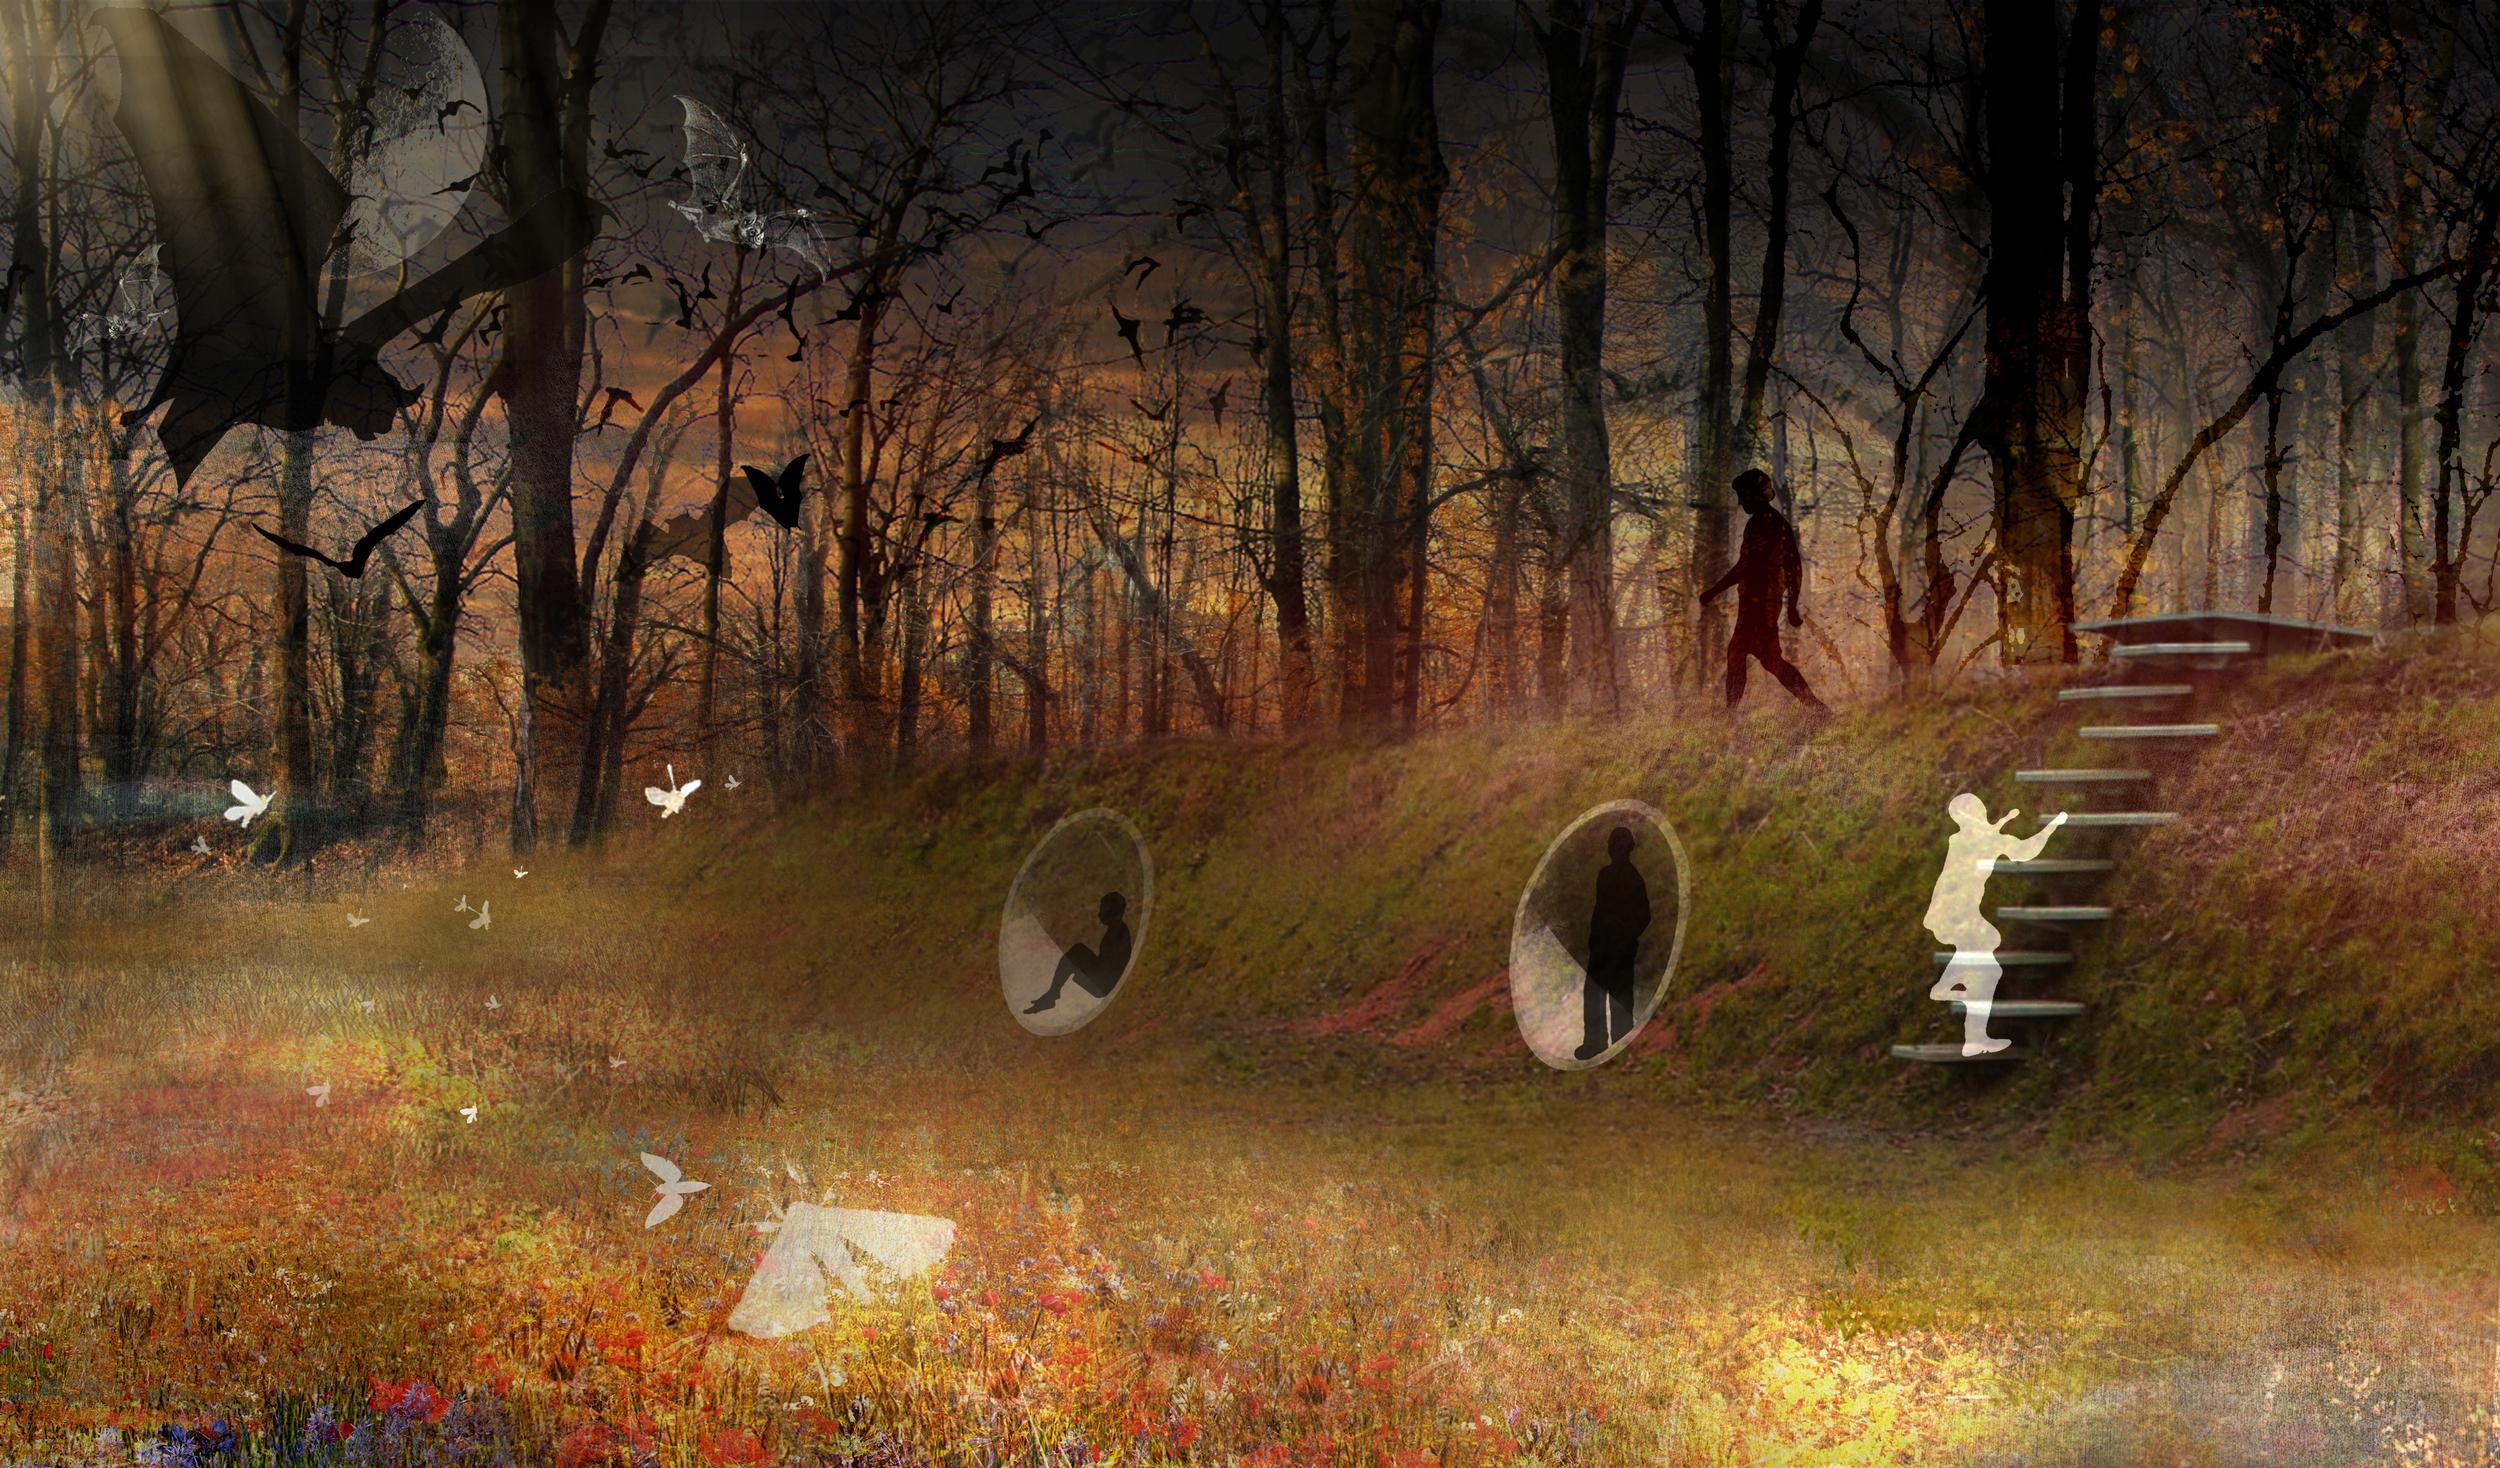 BA_calgary_view forest bats.jpg